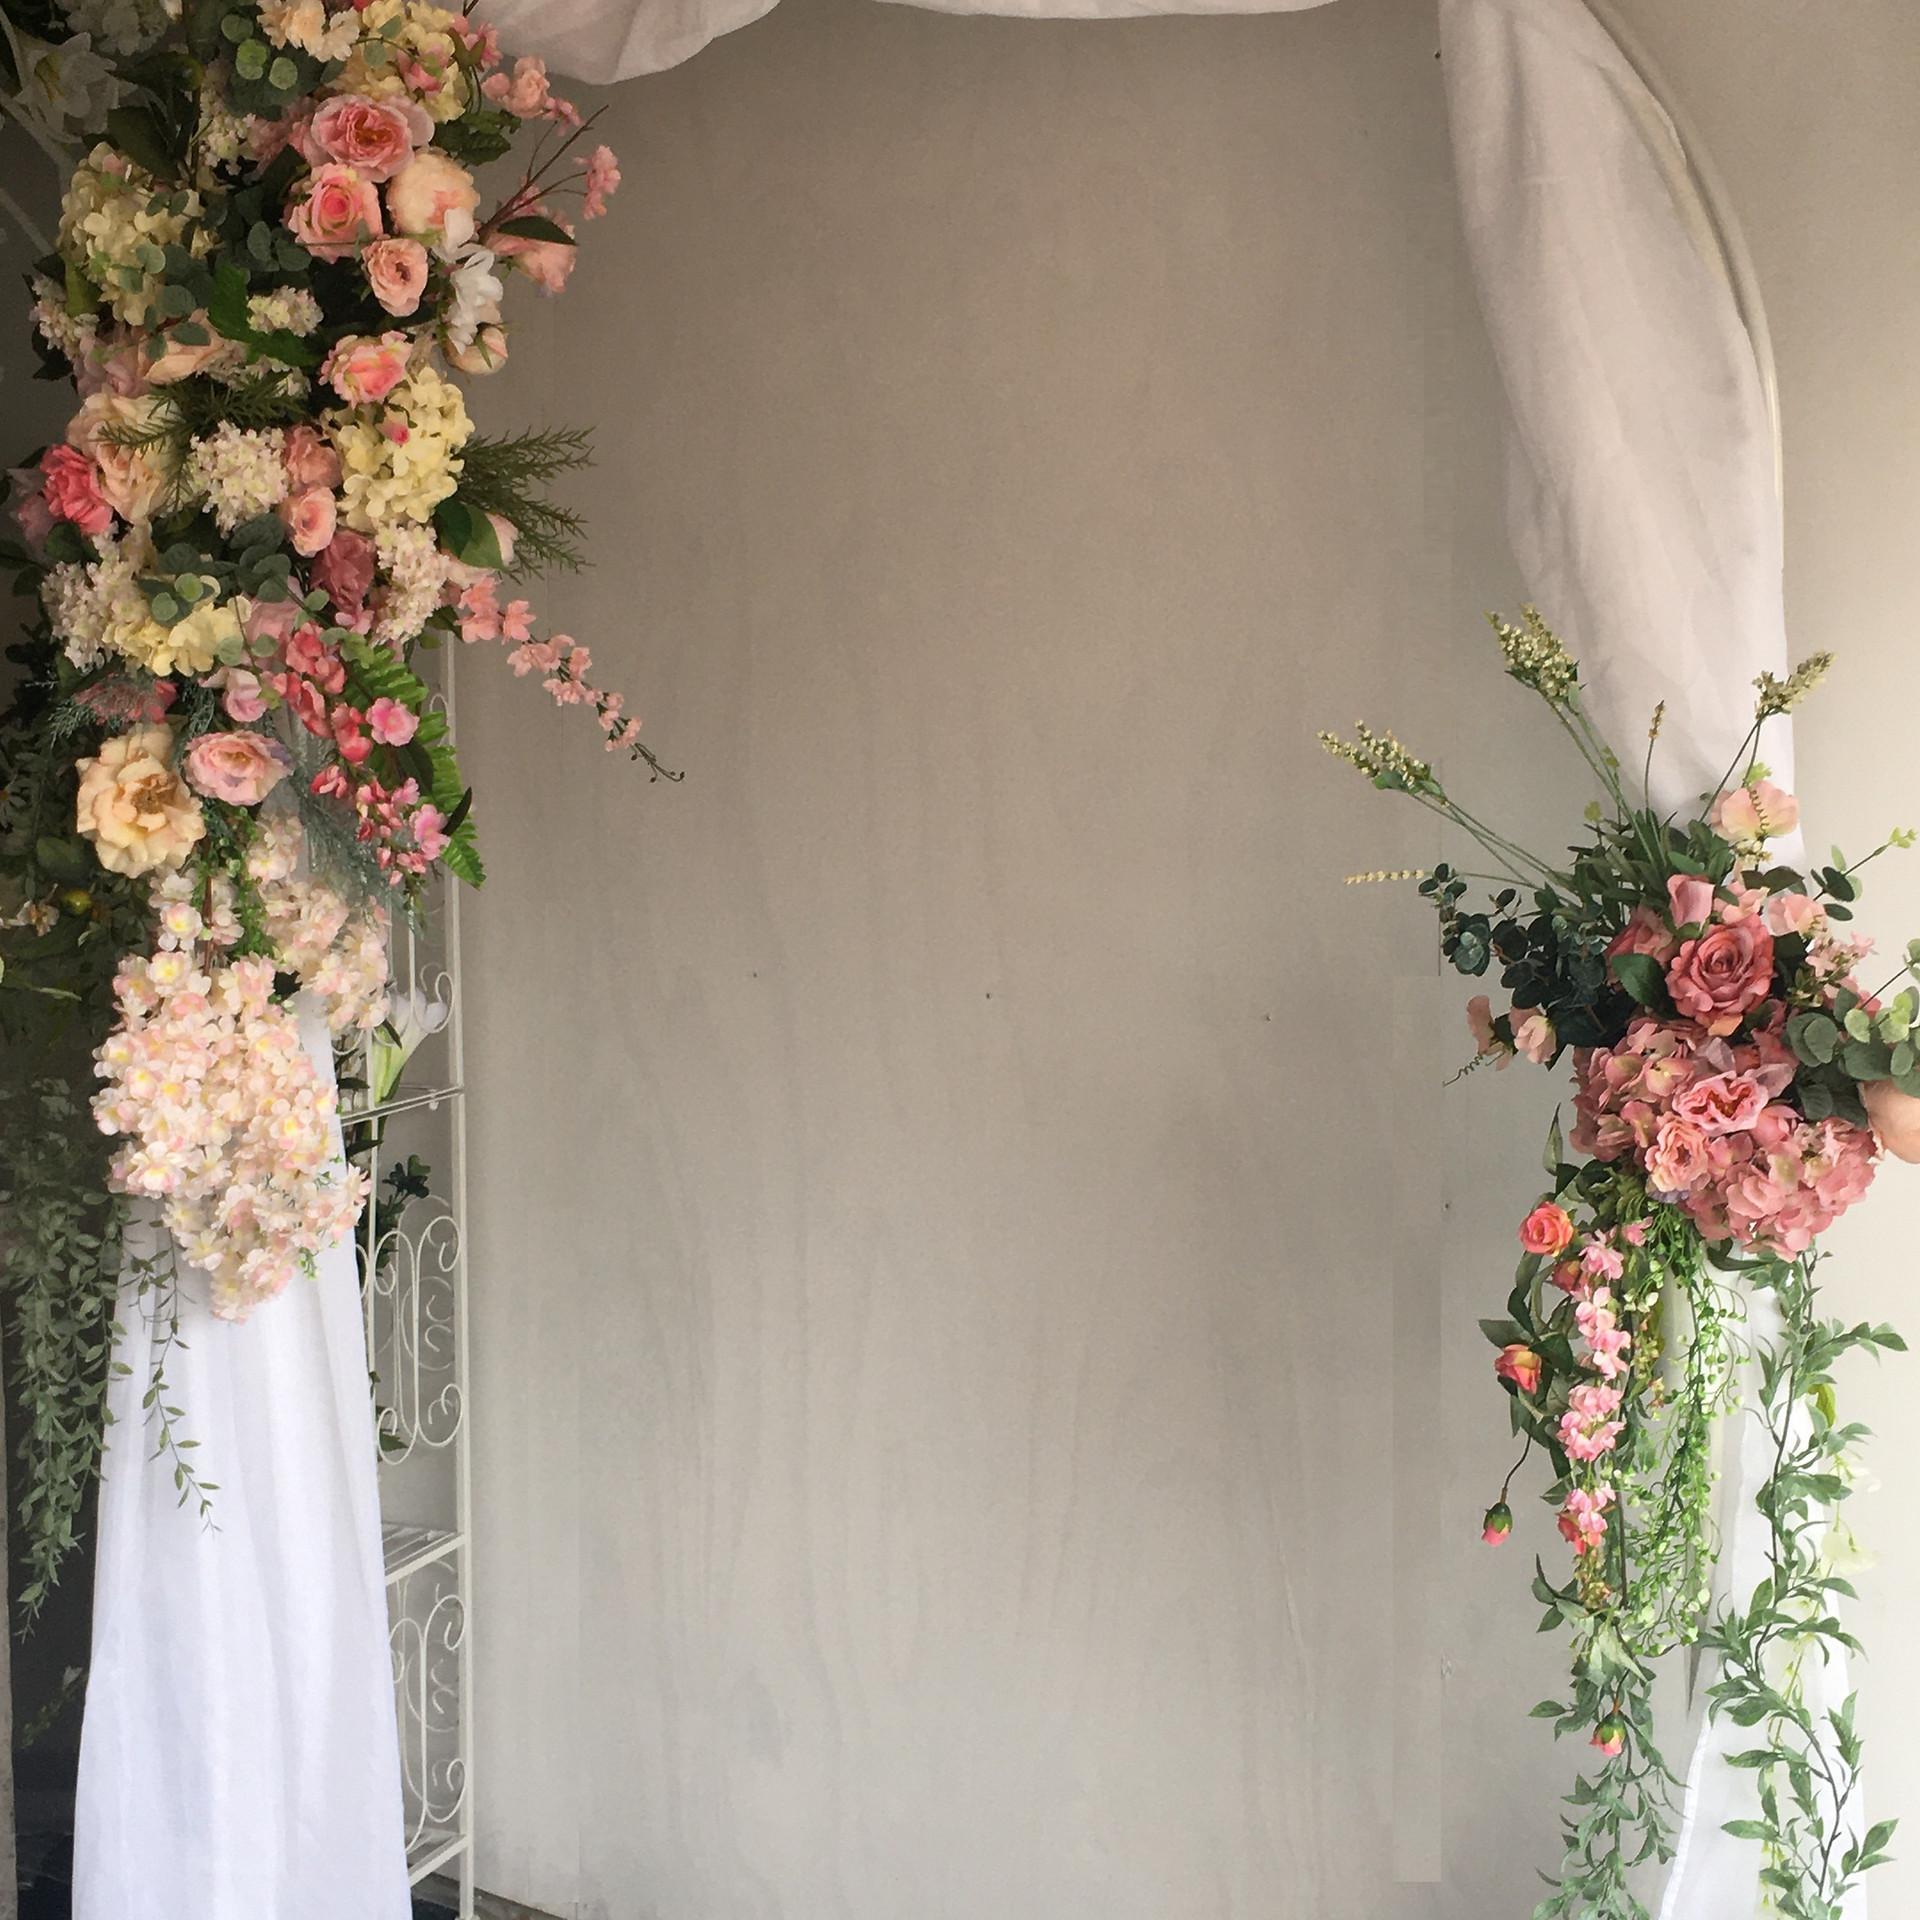 Spring Fling Wedding Arch